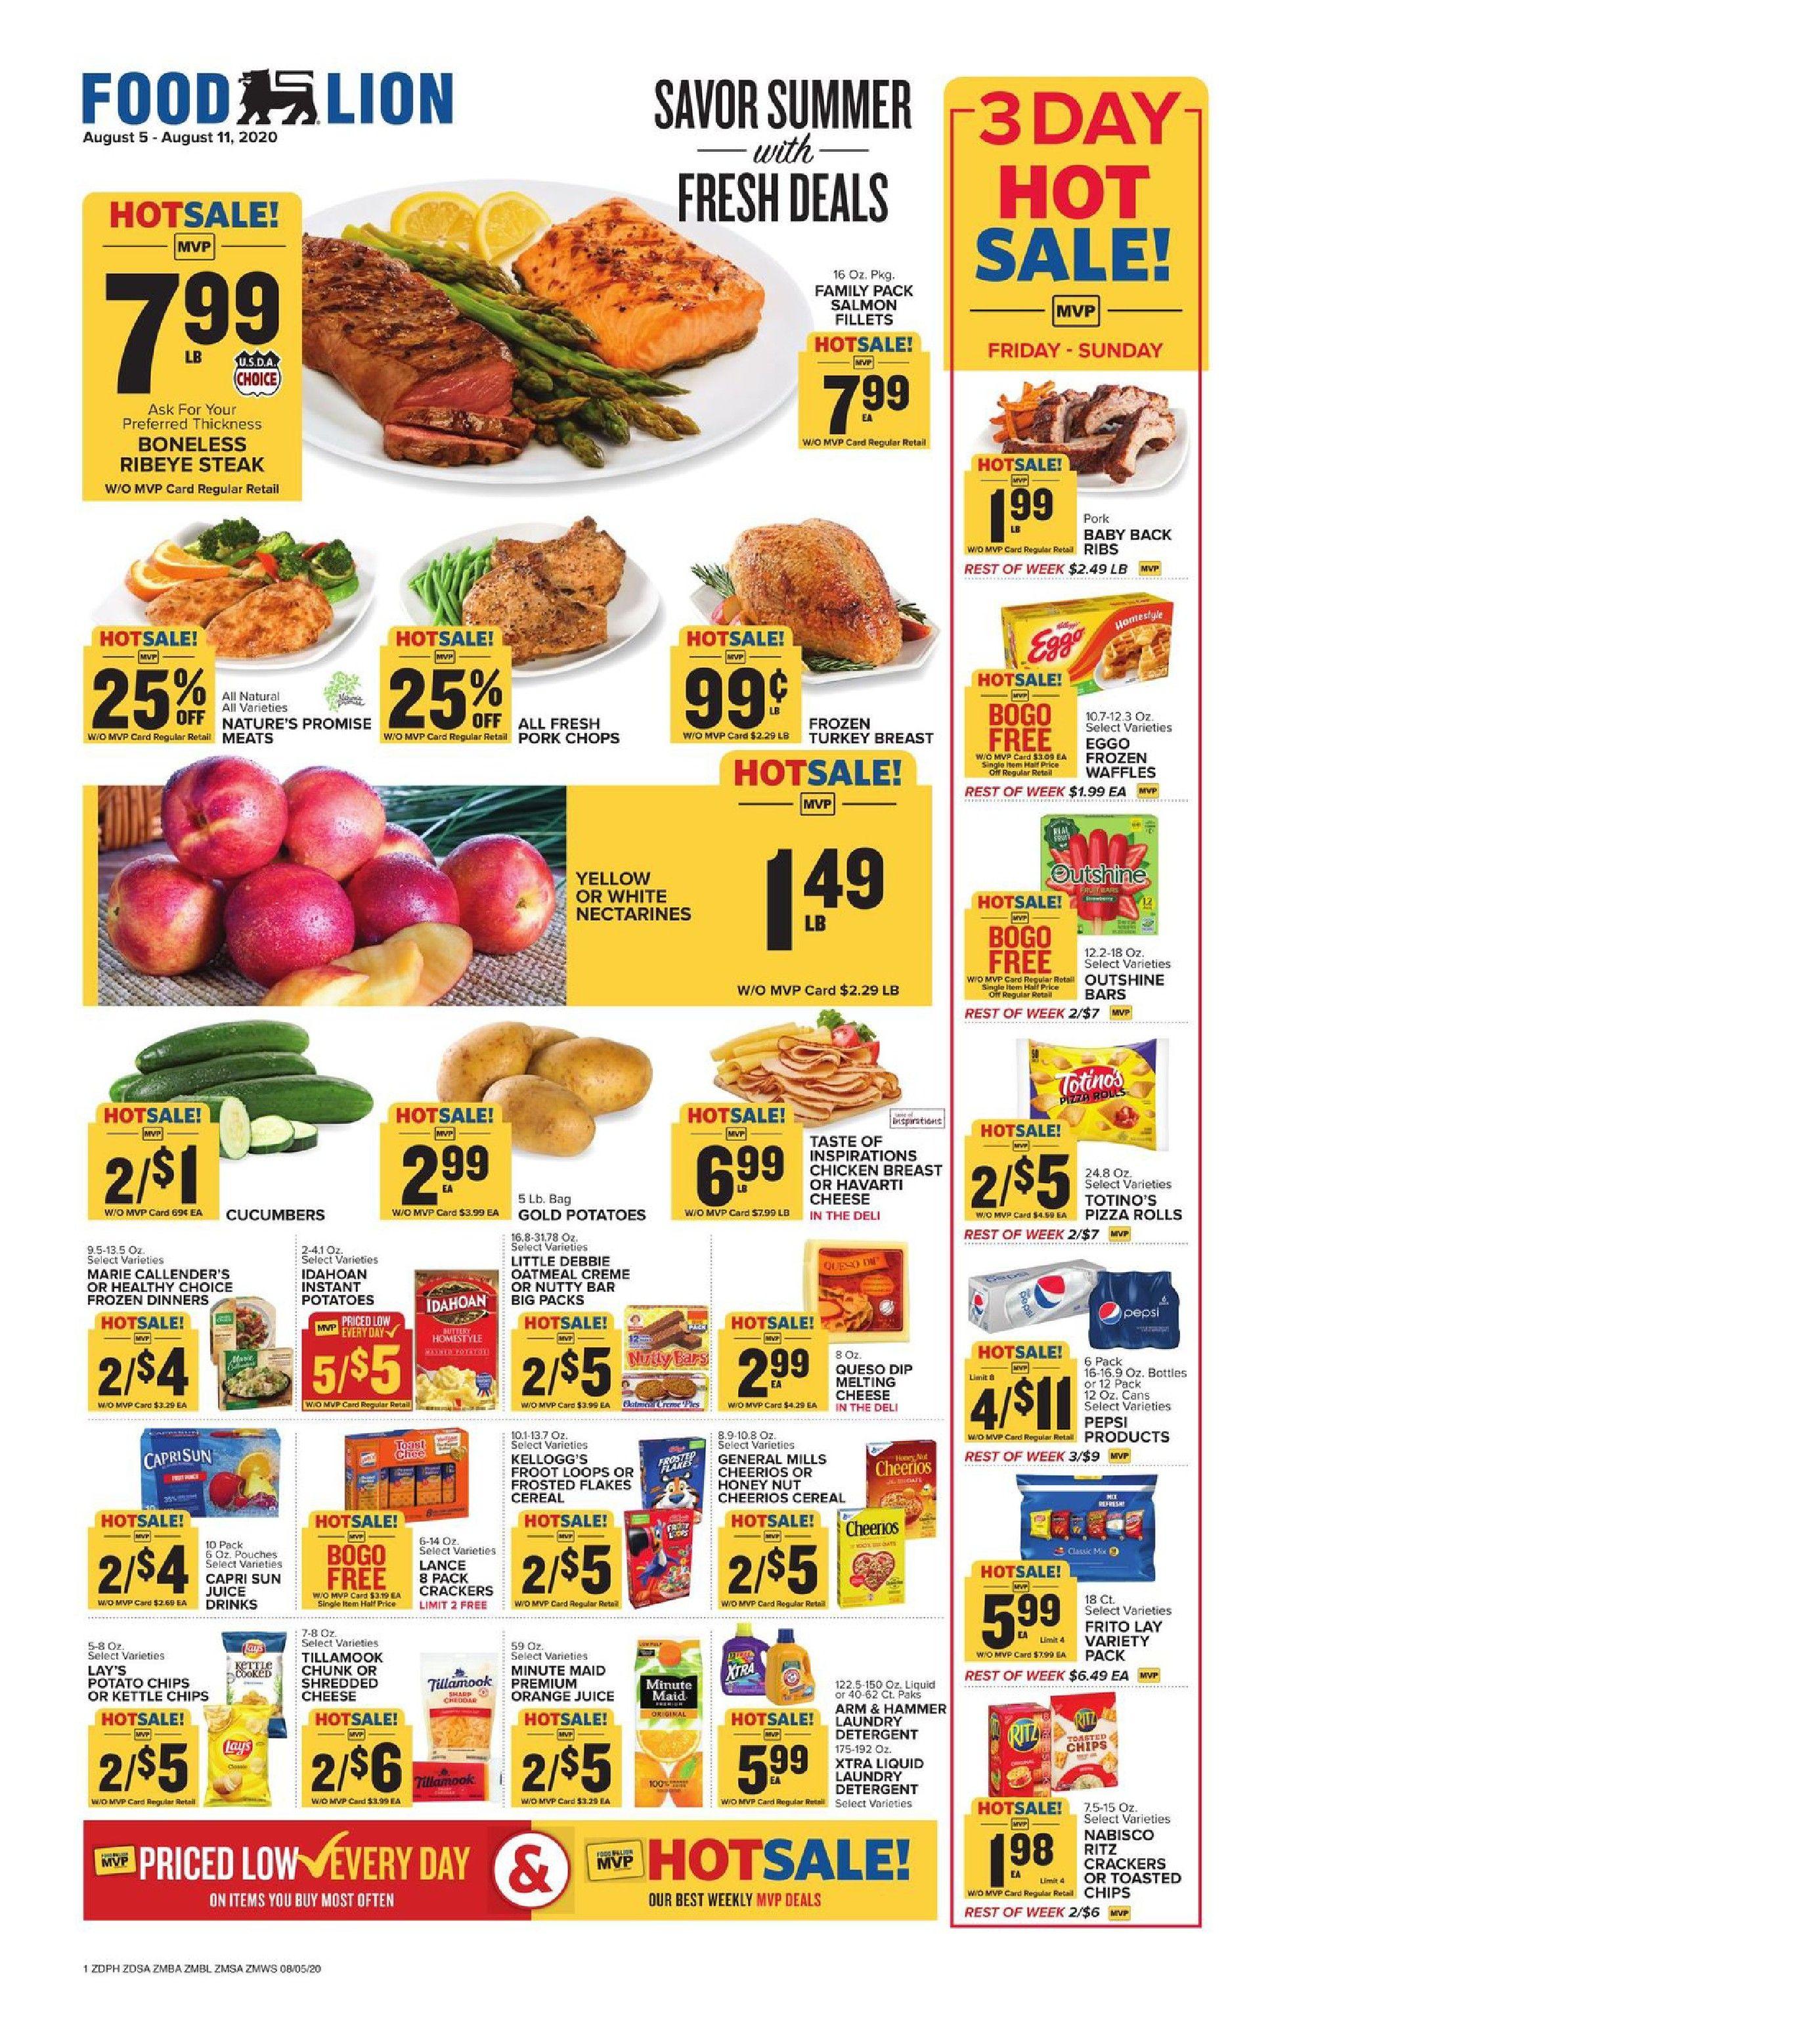 Food lion weekly ad aug 5 aug 11 2020 sneak peek